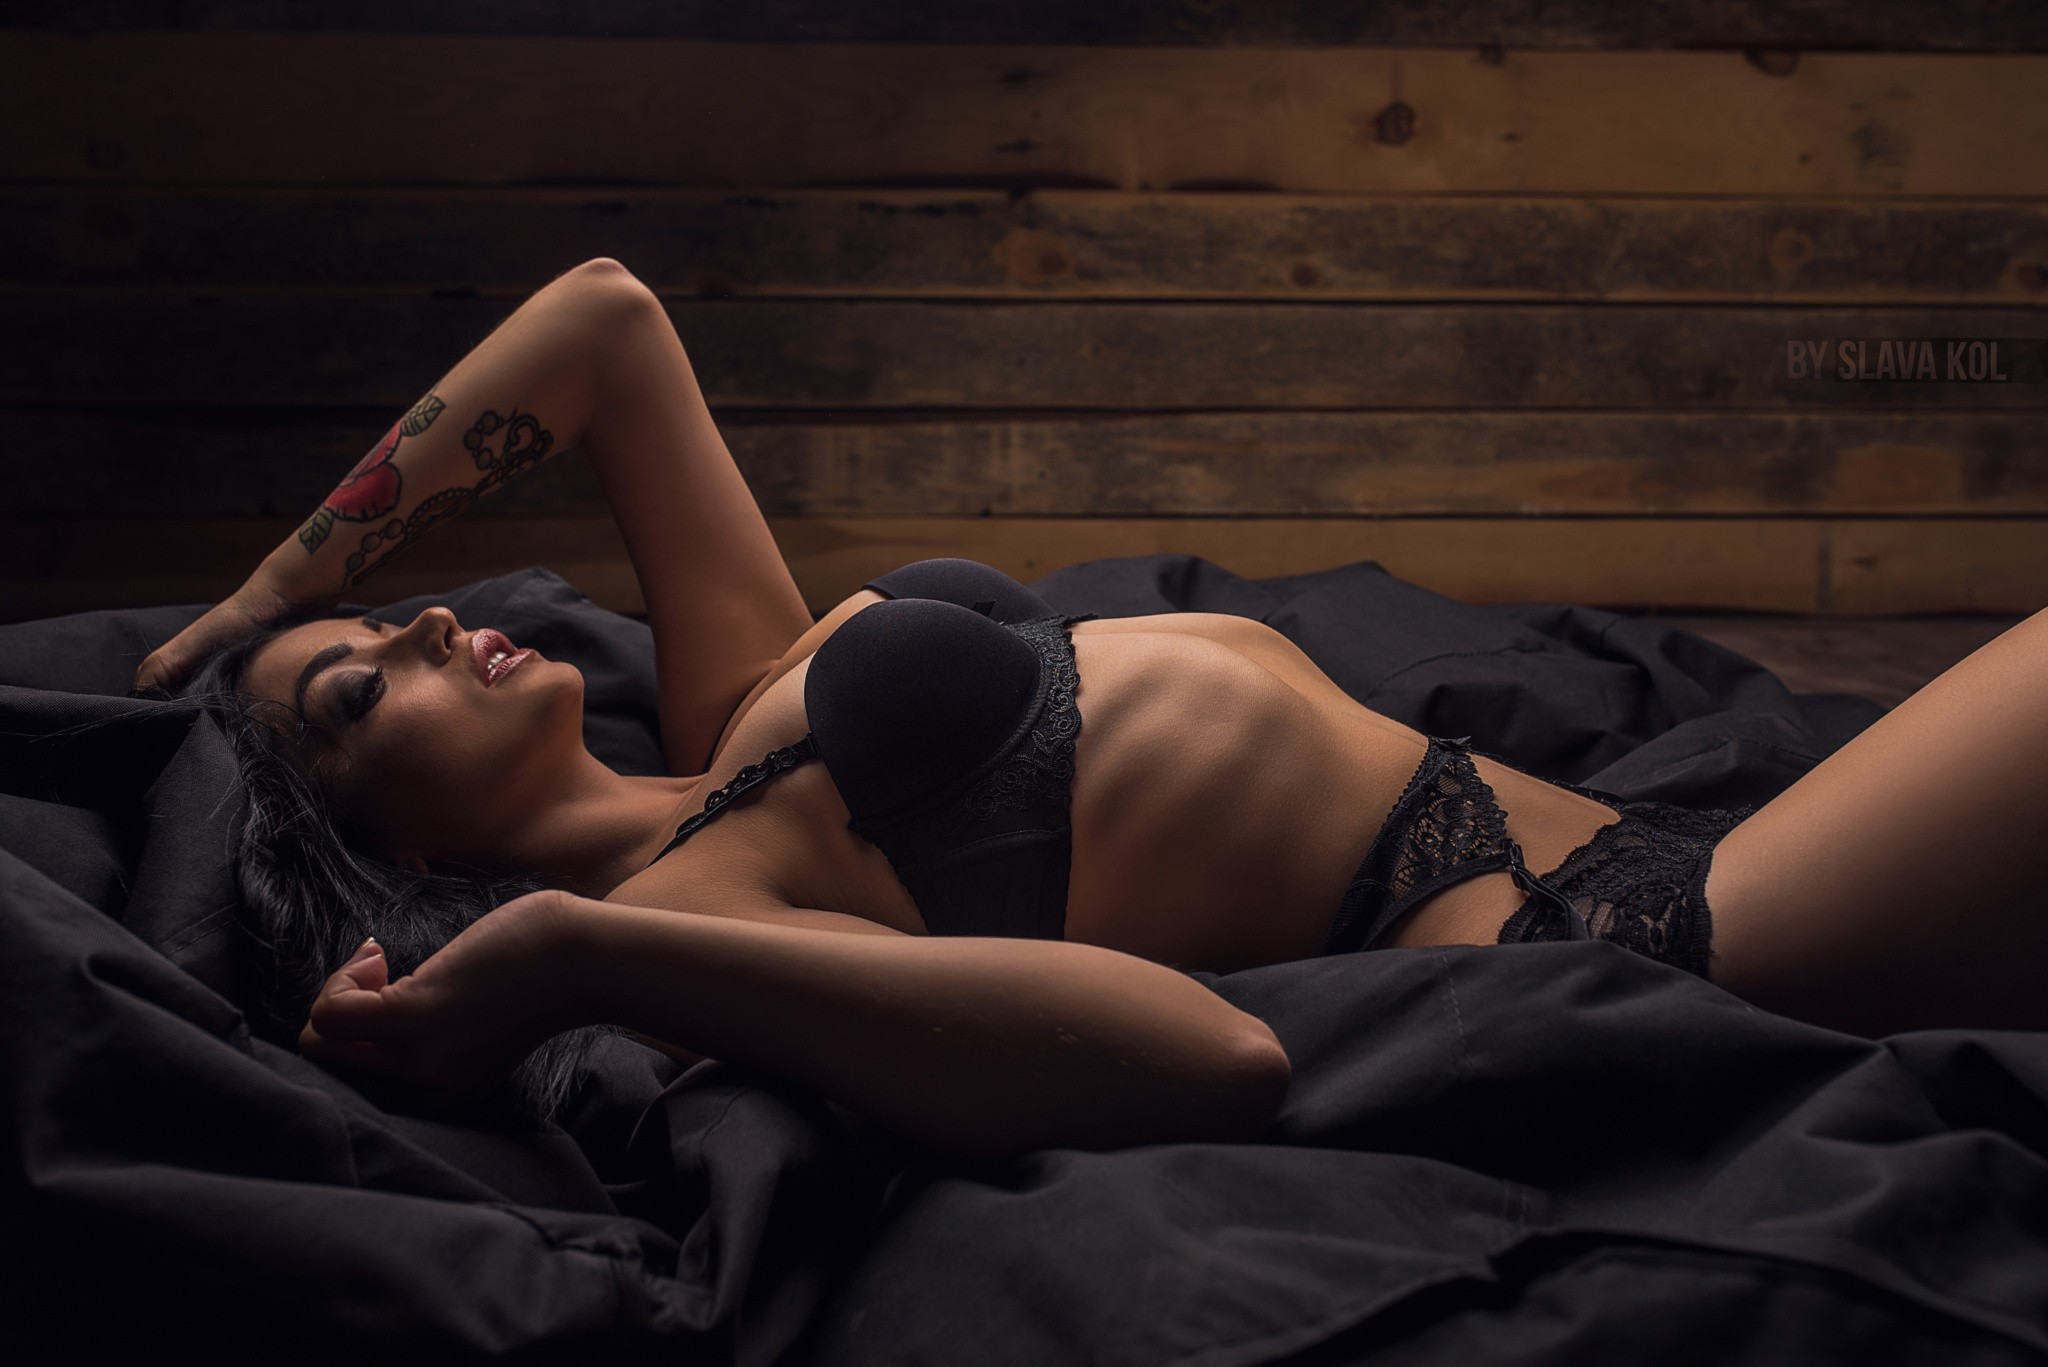 People 2048x1367 women tattoo belly black hair Slava Kol garter belt bra